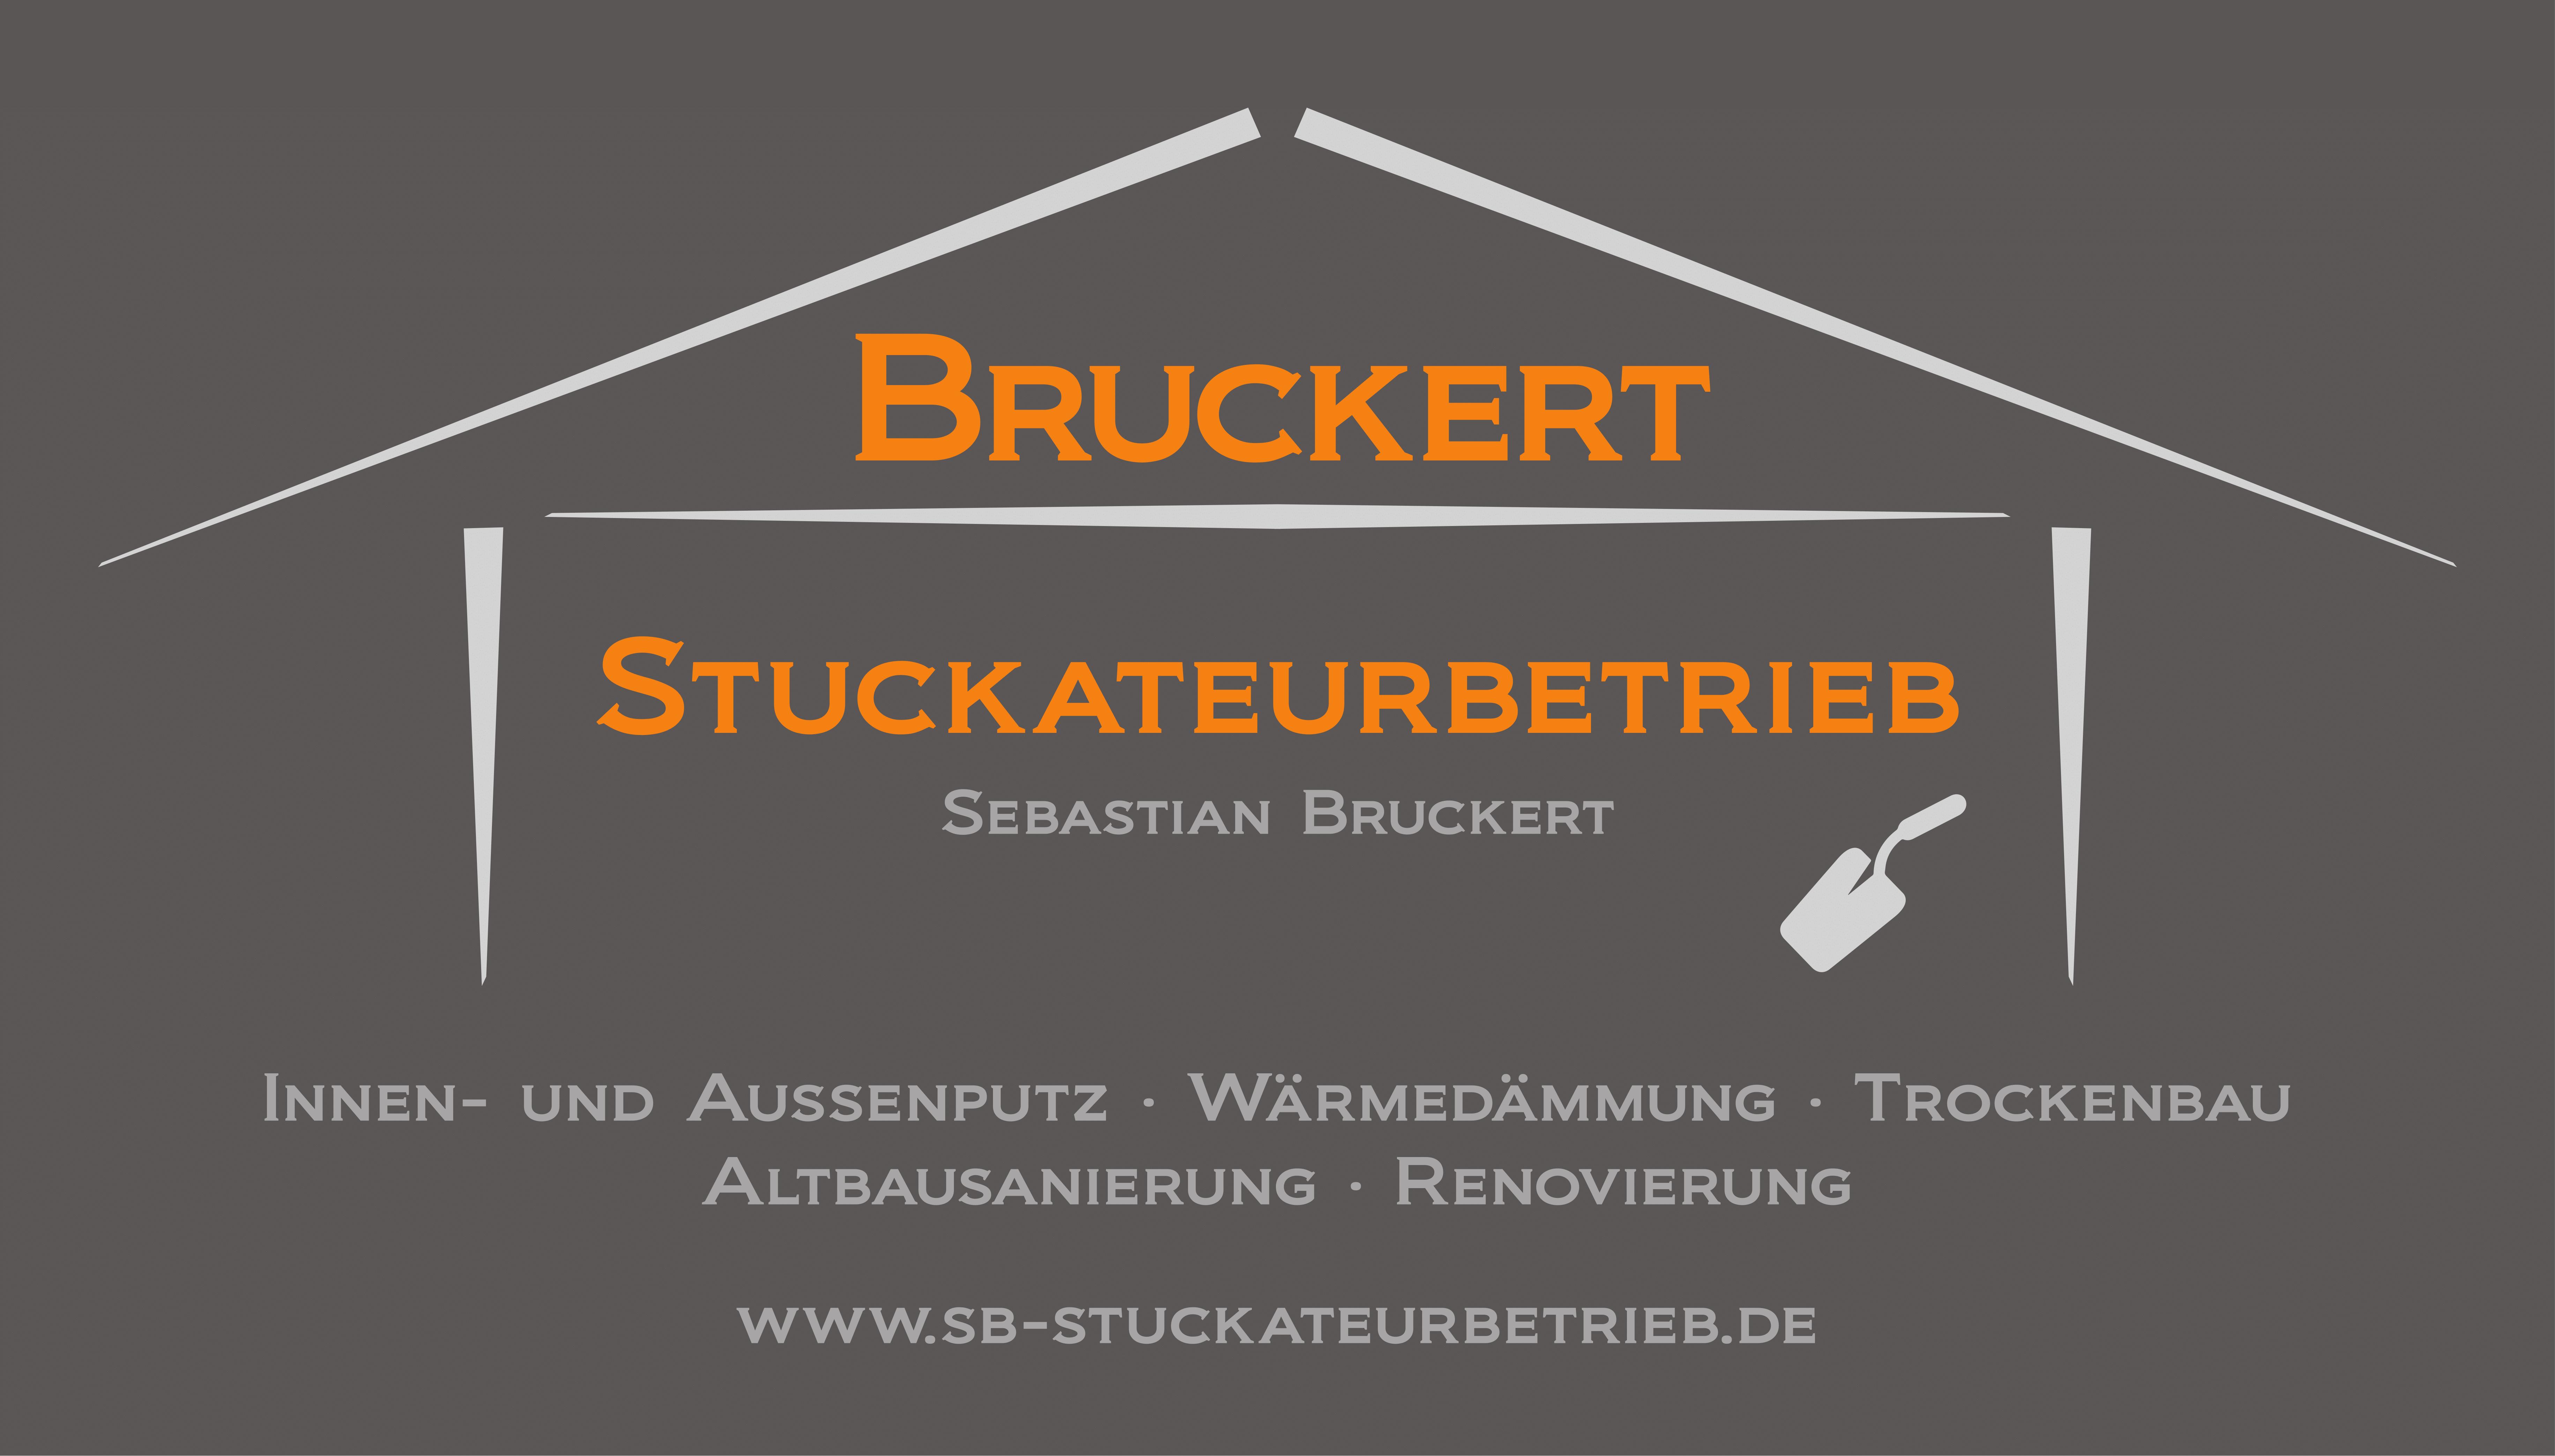 Sebastian Bruckert Stuckateurbetrieb